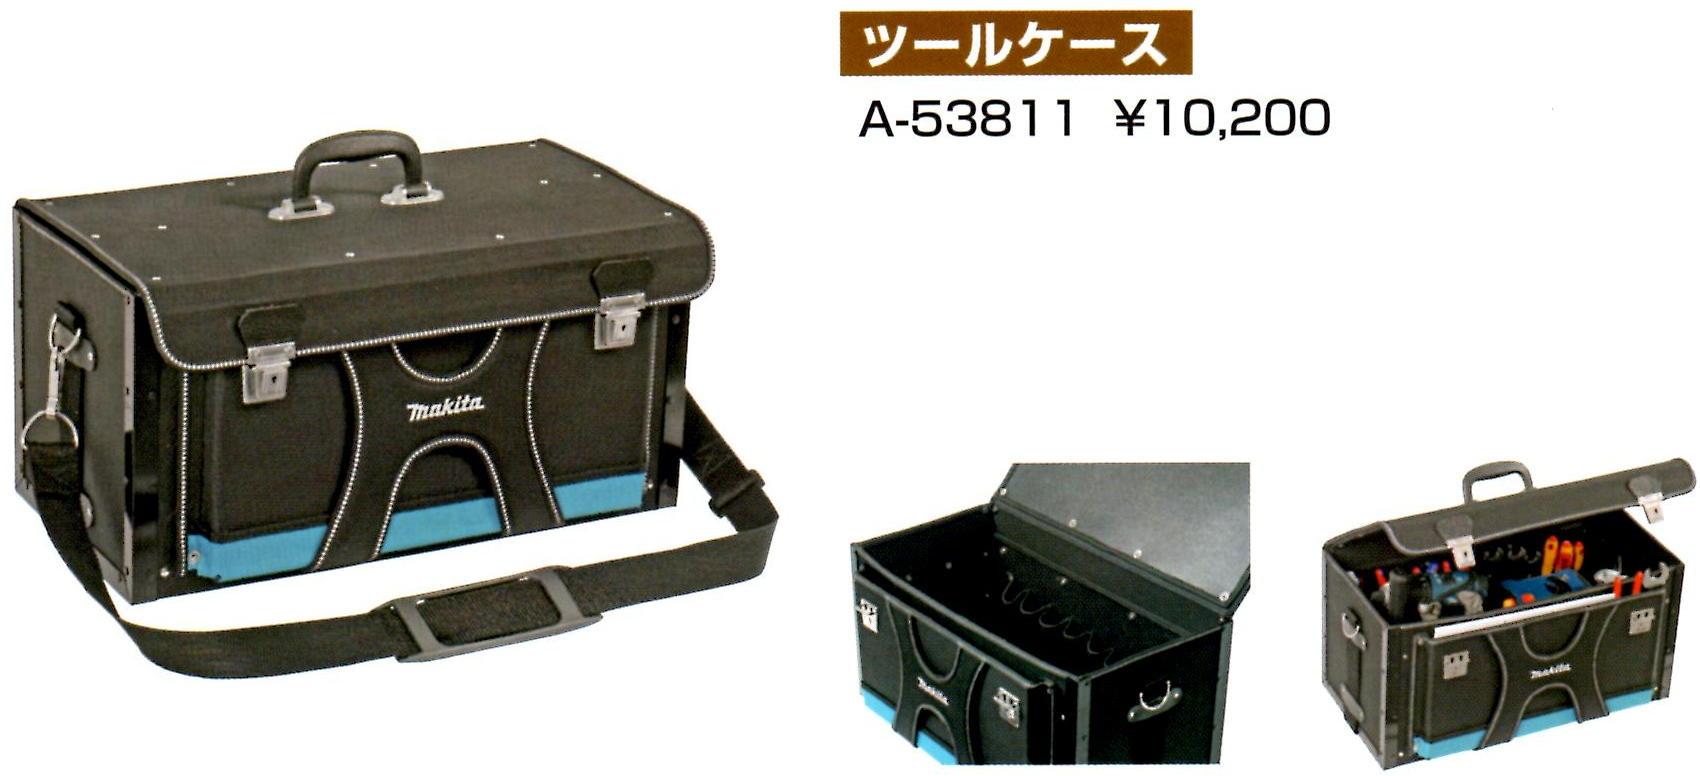 マキタ ツールケース A-53811